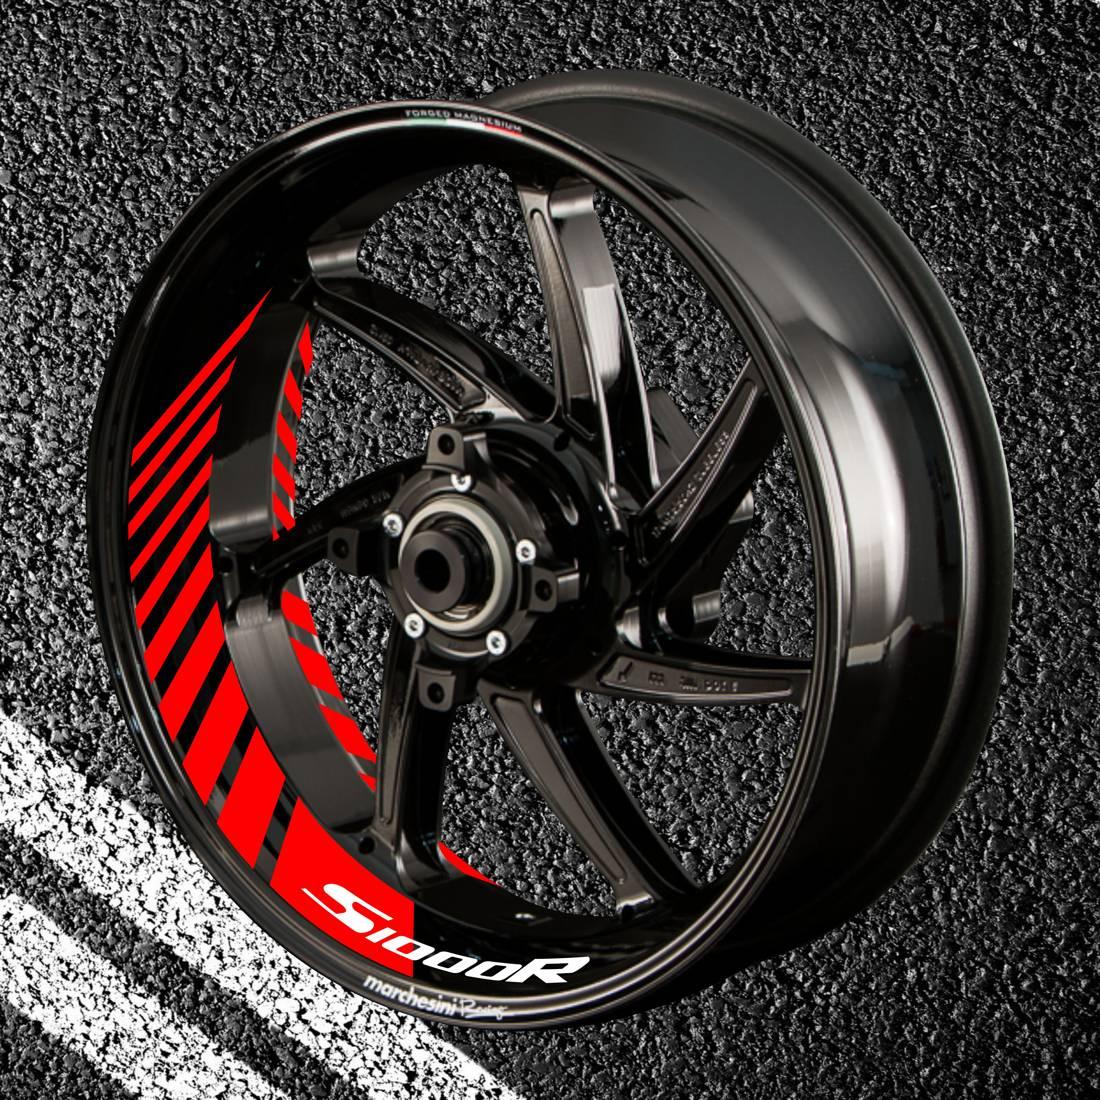 Комплект наклеек с полосами на колеса мотоцикла BMW S-1000-R